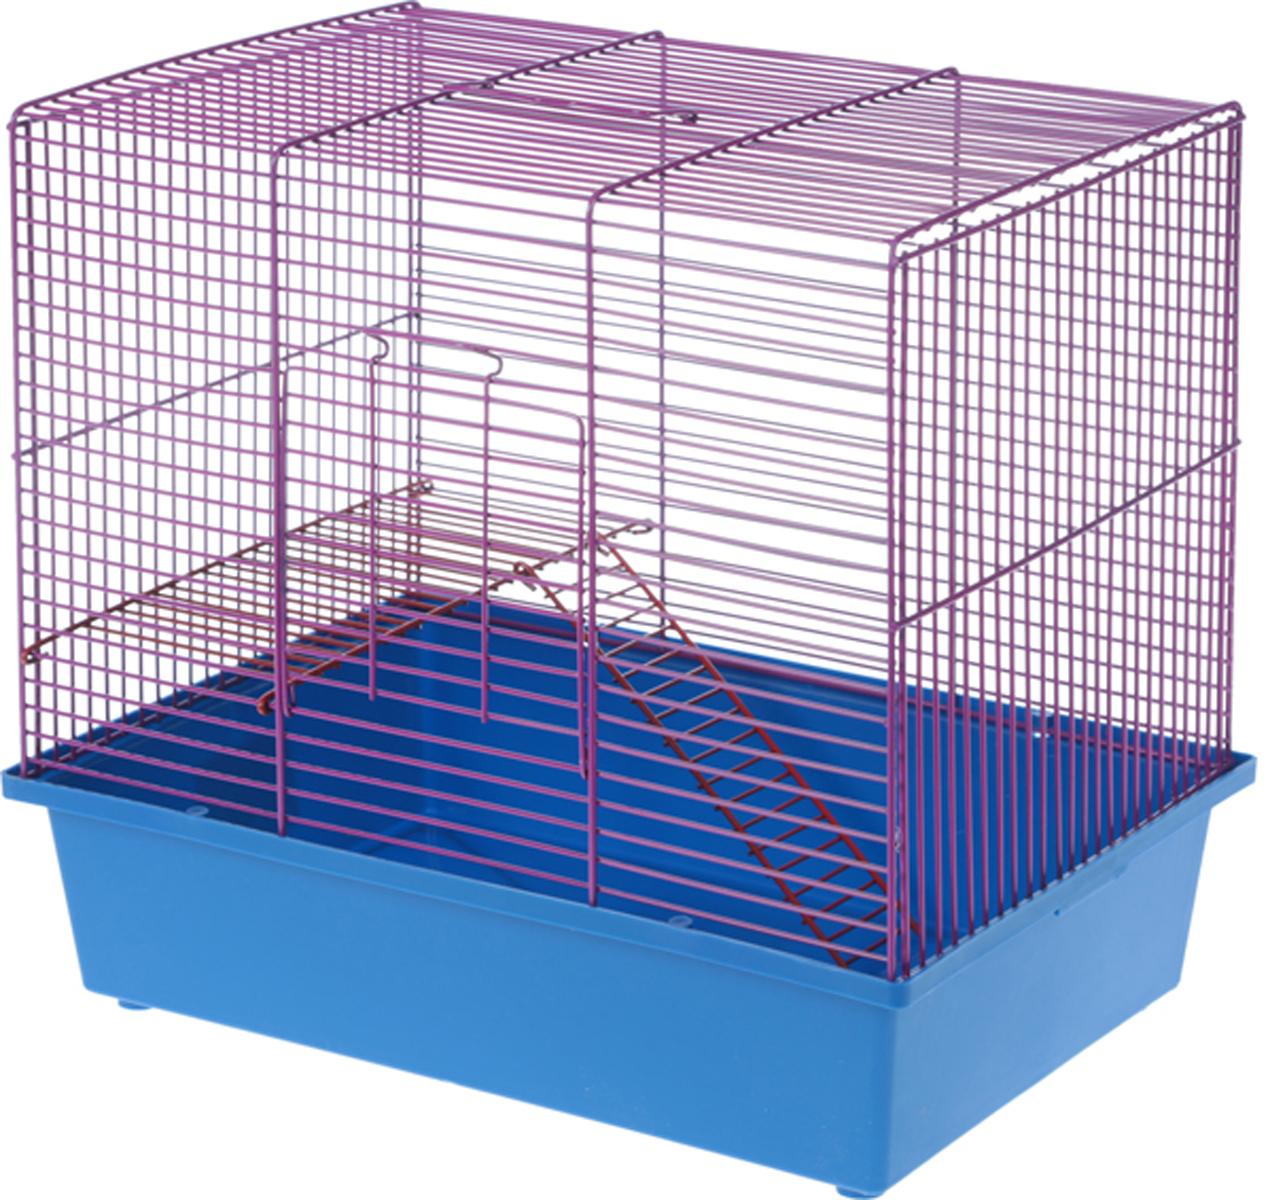 Клетка для грызунов Велес Lusy Hamster-2, 2-этажная, цвет: сиреневый, синий, 35 х 26 х 26 см клетка для грызунов ferplast hamster duo белая 46x29x37 5см